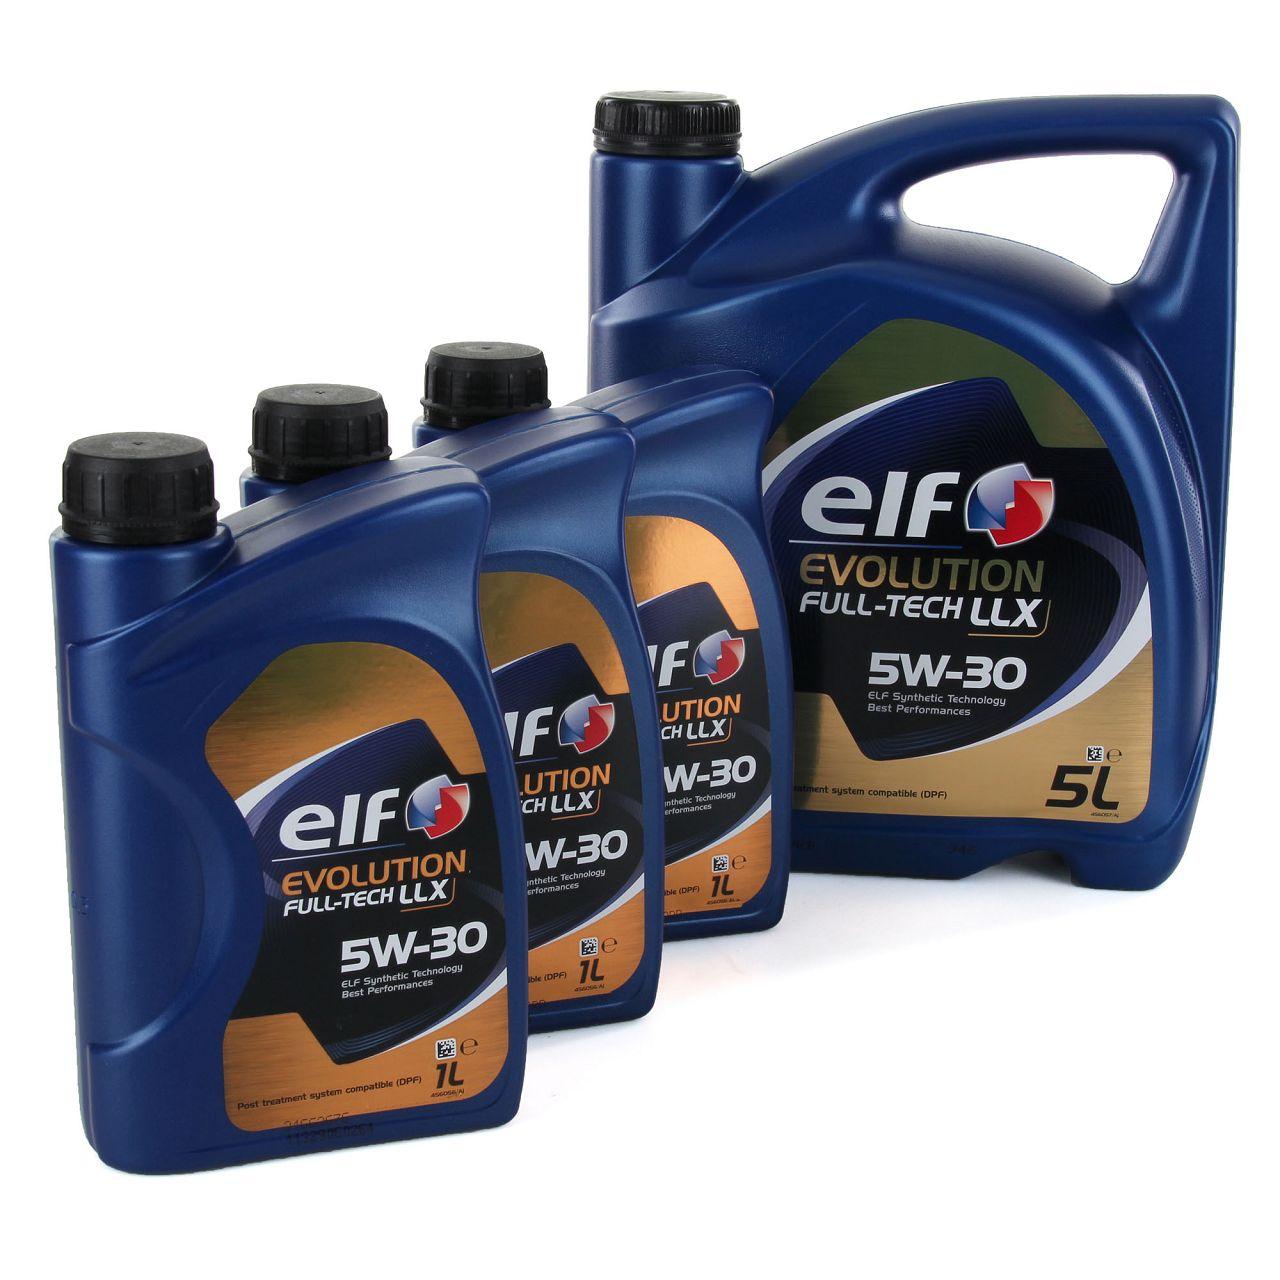 8L 8 Liter elf Evolution Full-Tech LLX 5W-30 Motoröl 504.00/507.00 MB 229.51